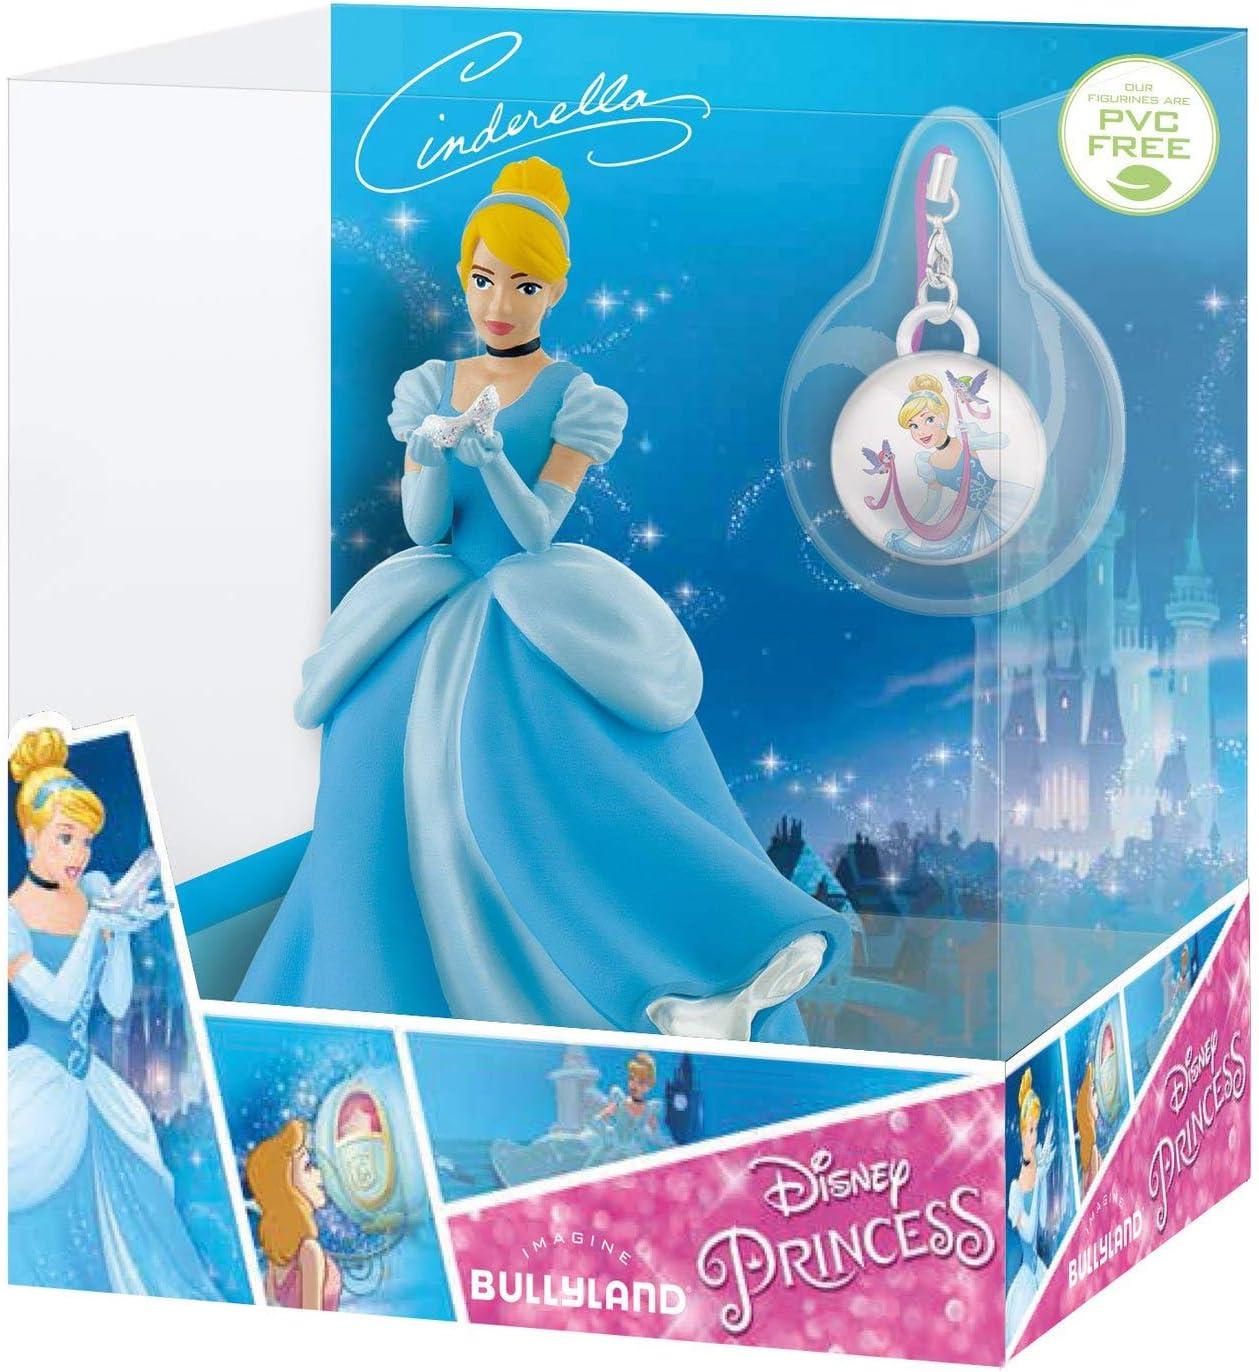 Cinderella Candy Bag Topper Chalkboard Cinderella Ziptop Bag Topper Cinderella Birthday Party Printable 100442 Disney Princess Favor